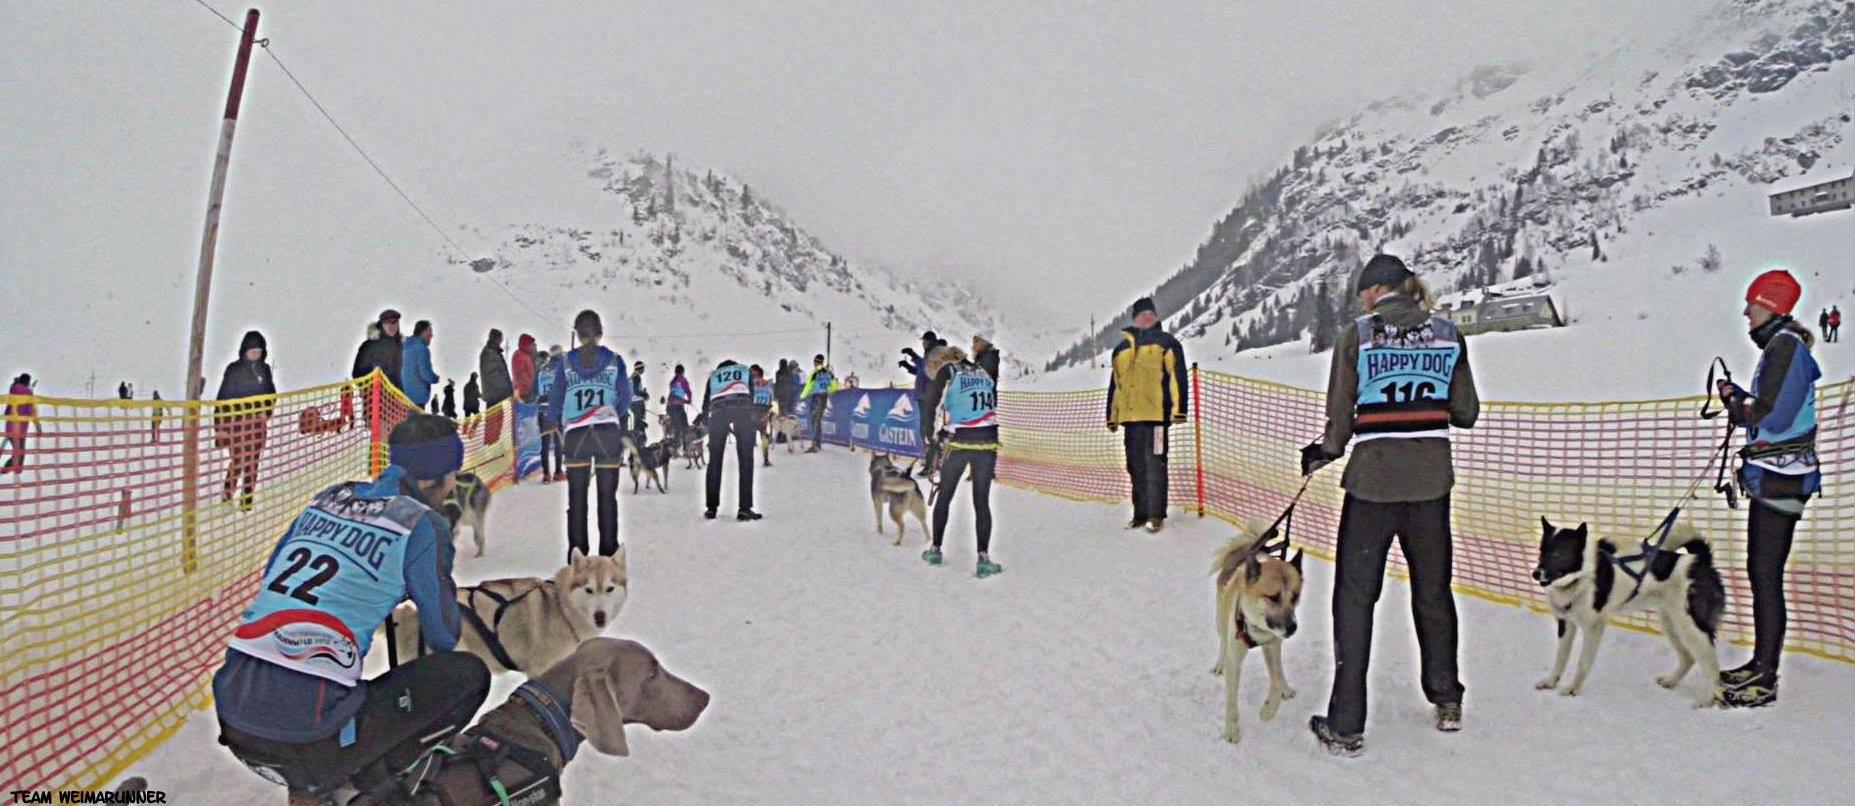 DerHundling-Sportgastein-SchneeCanicross